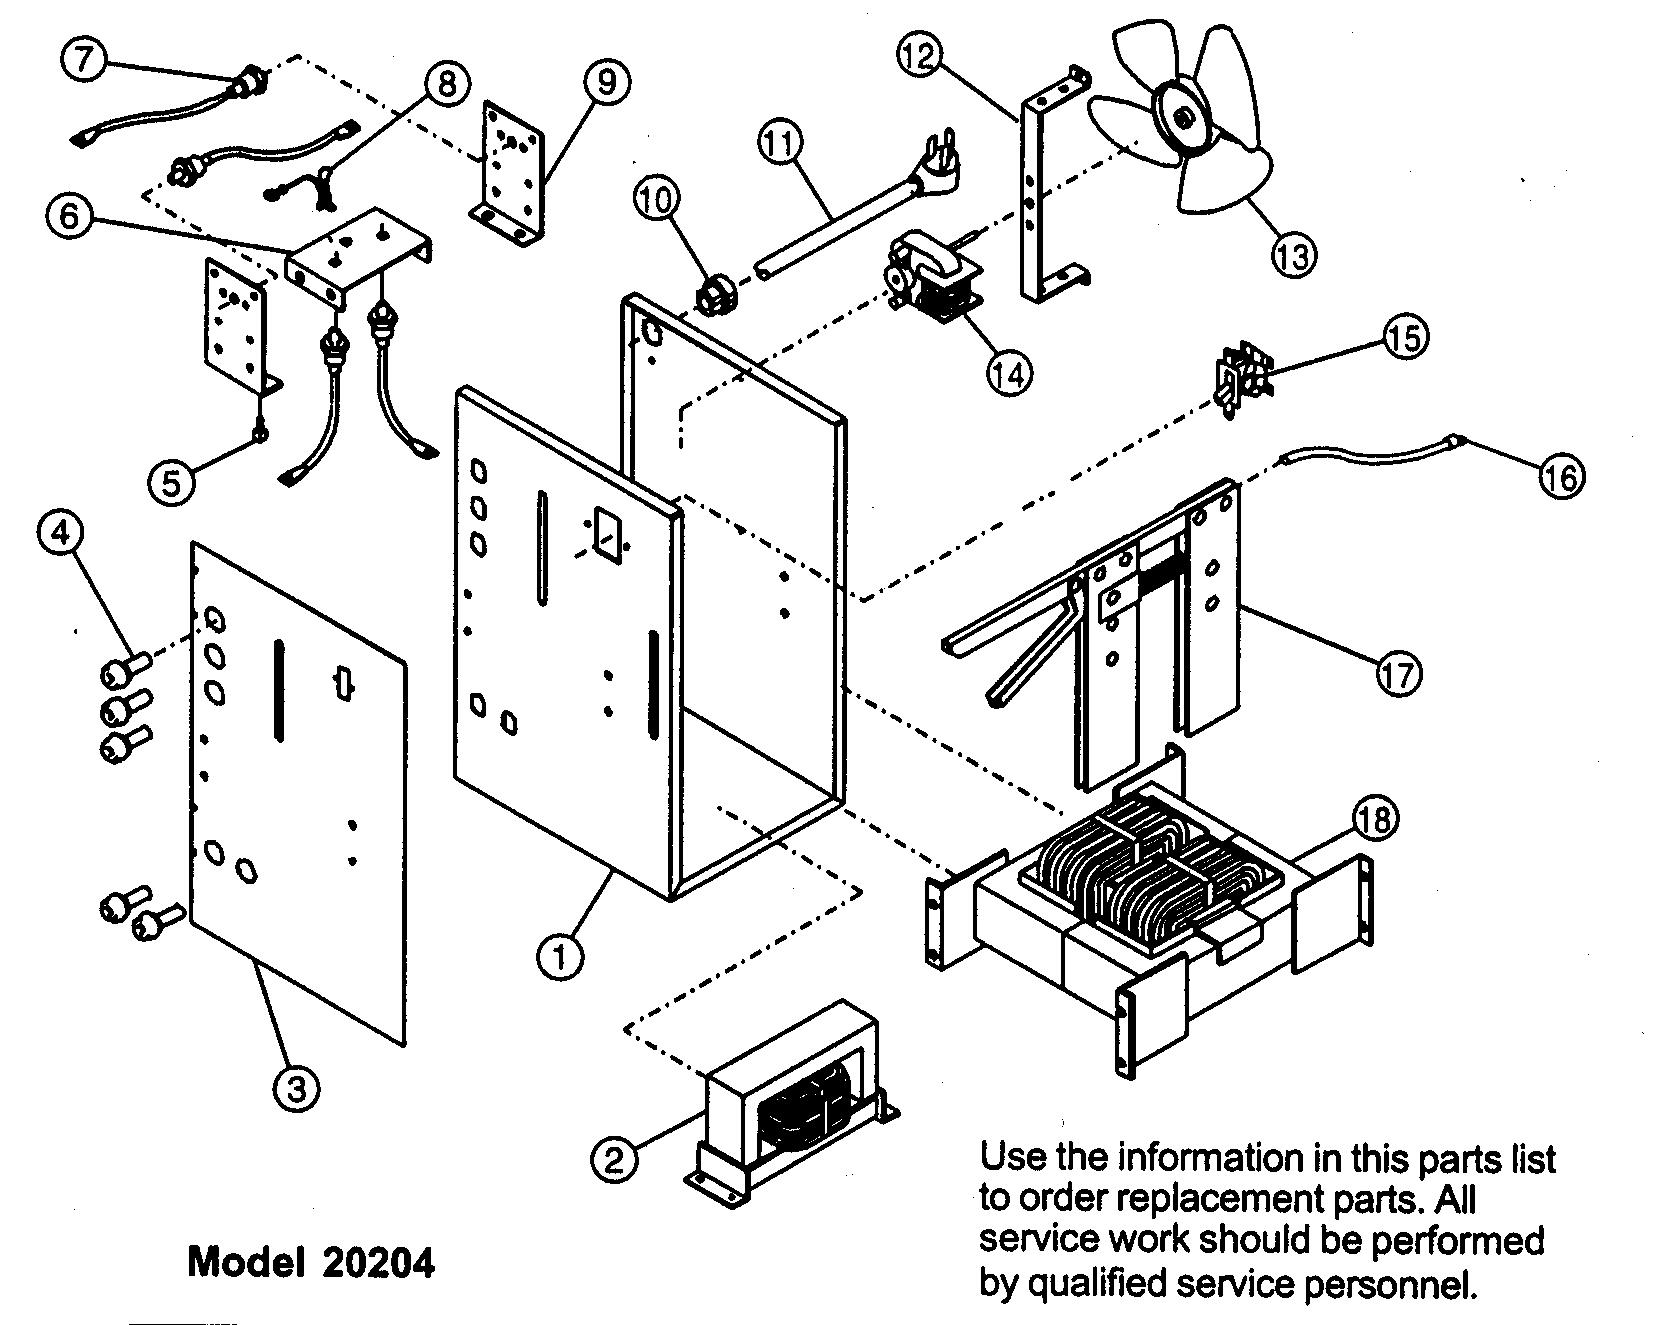 welding cart diagrams for a c arc welders